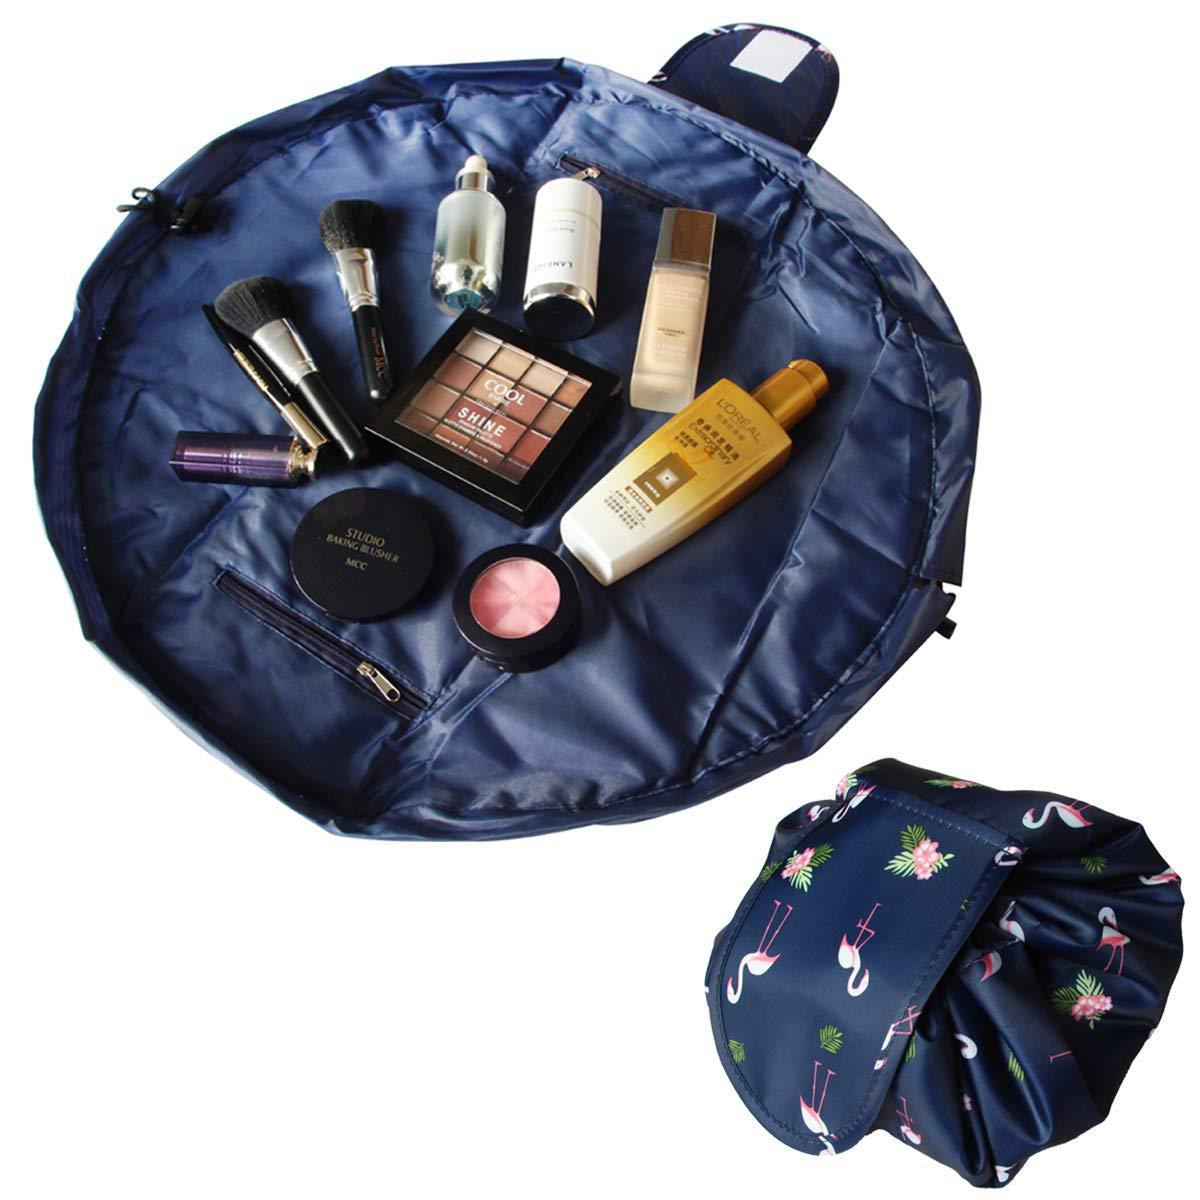 Amazon.com: Bolsa de maquillaje portátil rápida con cordón ...